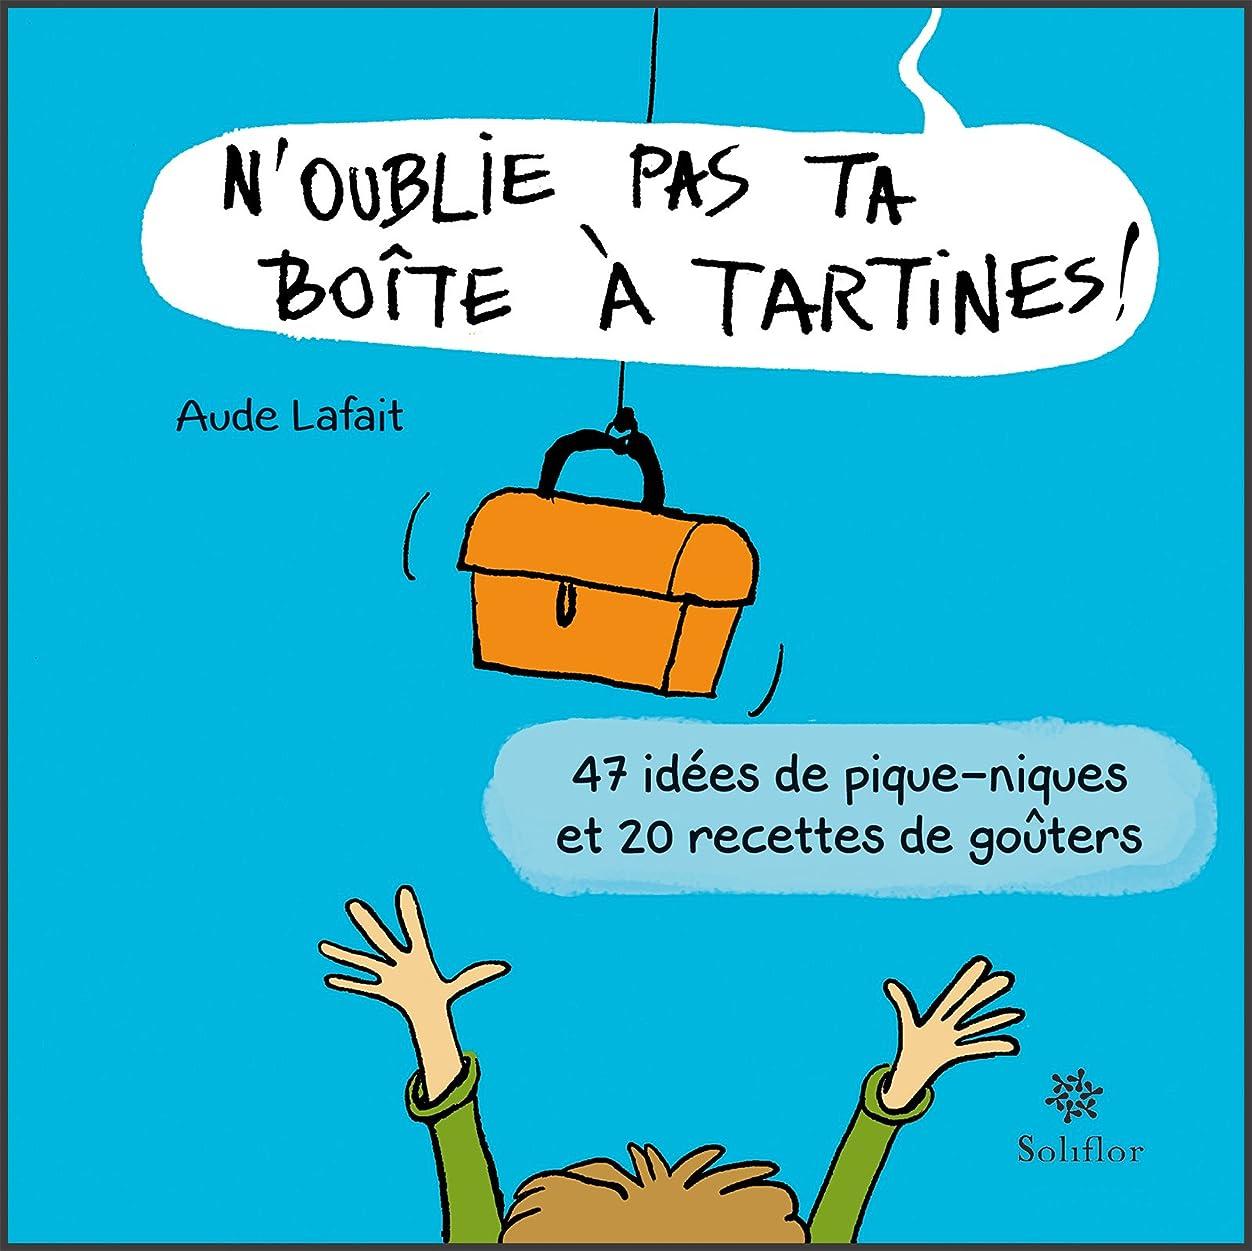 N'oublie pas ta bo?te à tartines: 47 idées de pique-niques et 20 recettes de go?ters (French Edition)